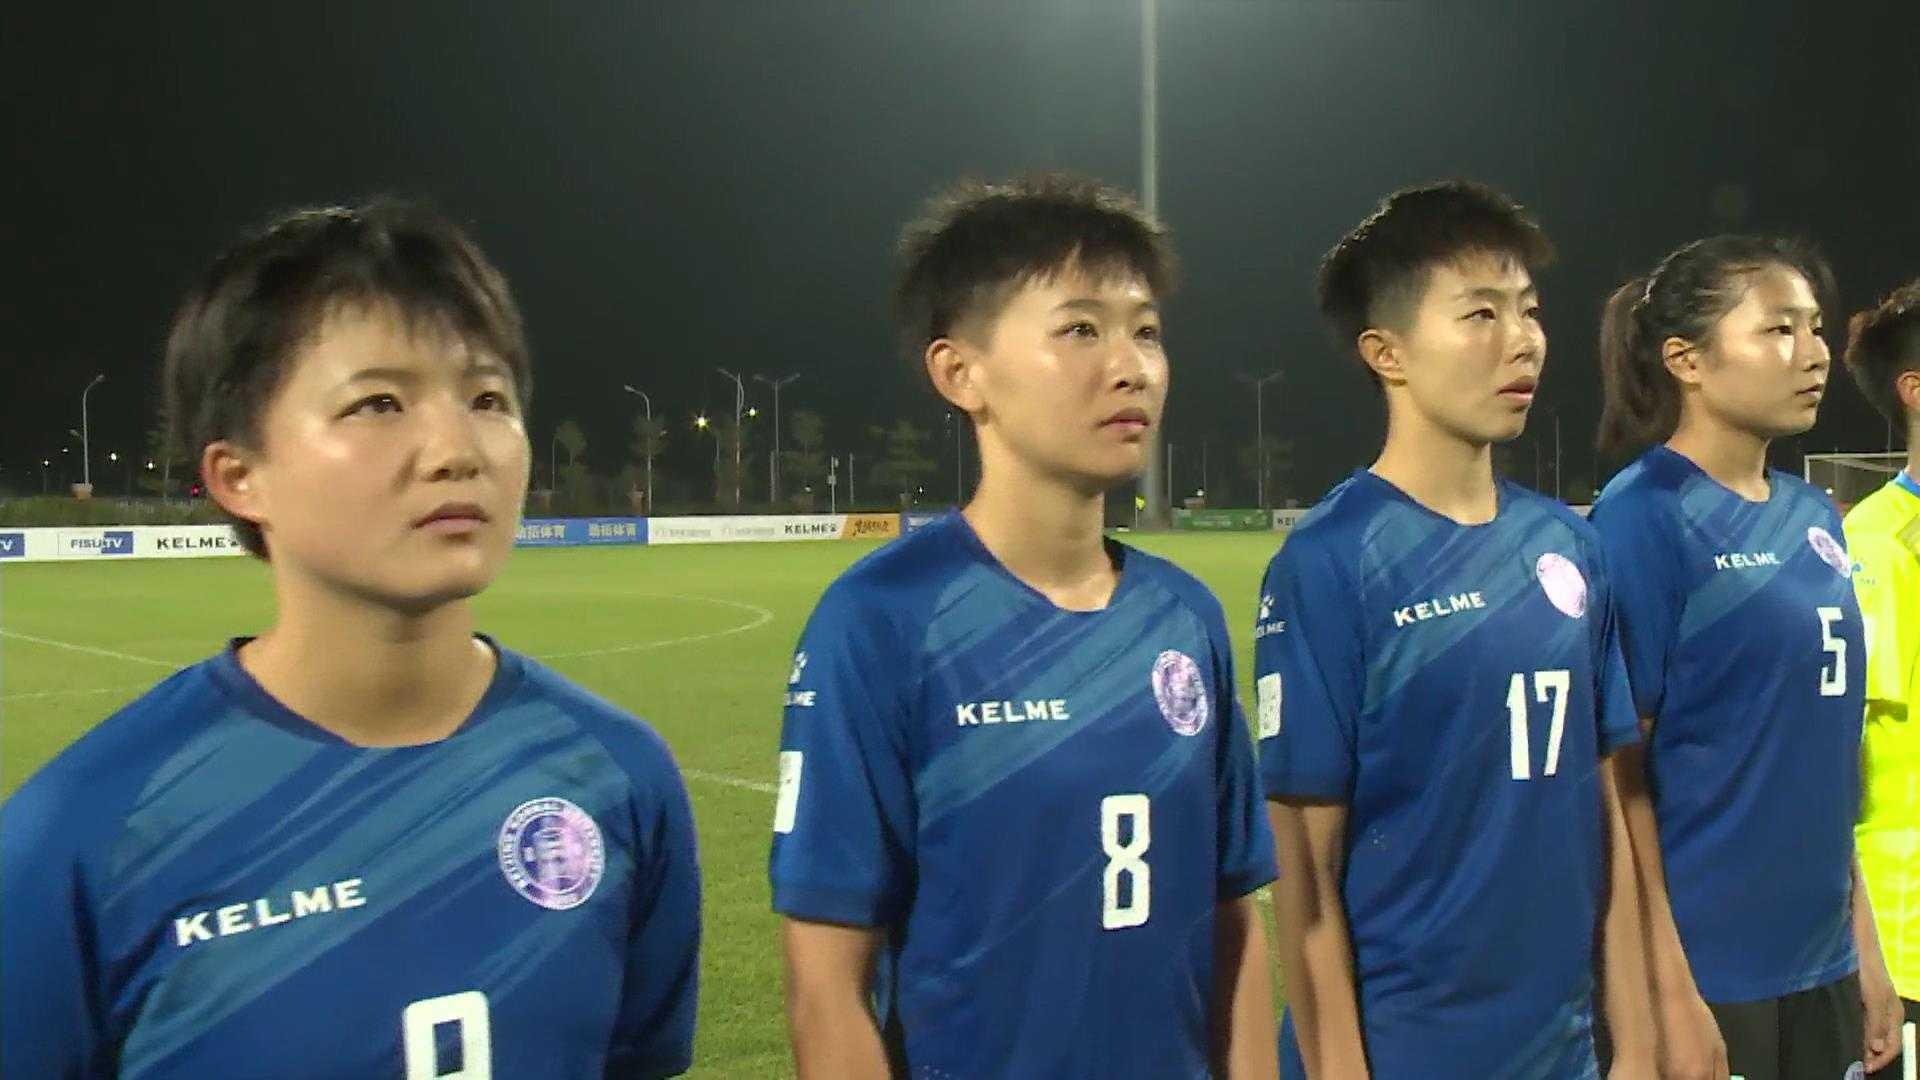 集锦Day4 | 北京师范大学(中国)3-0 完胜悉尼大学(澳大利亚)